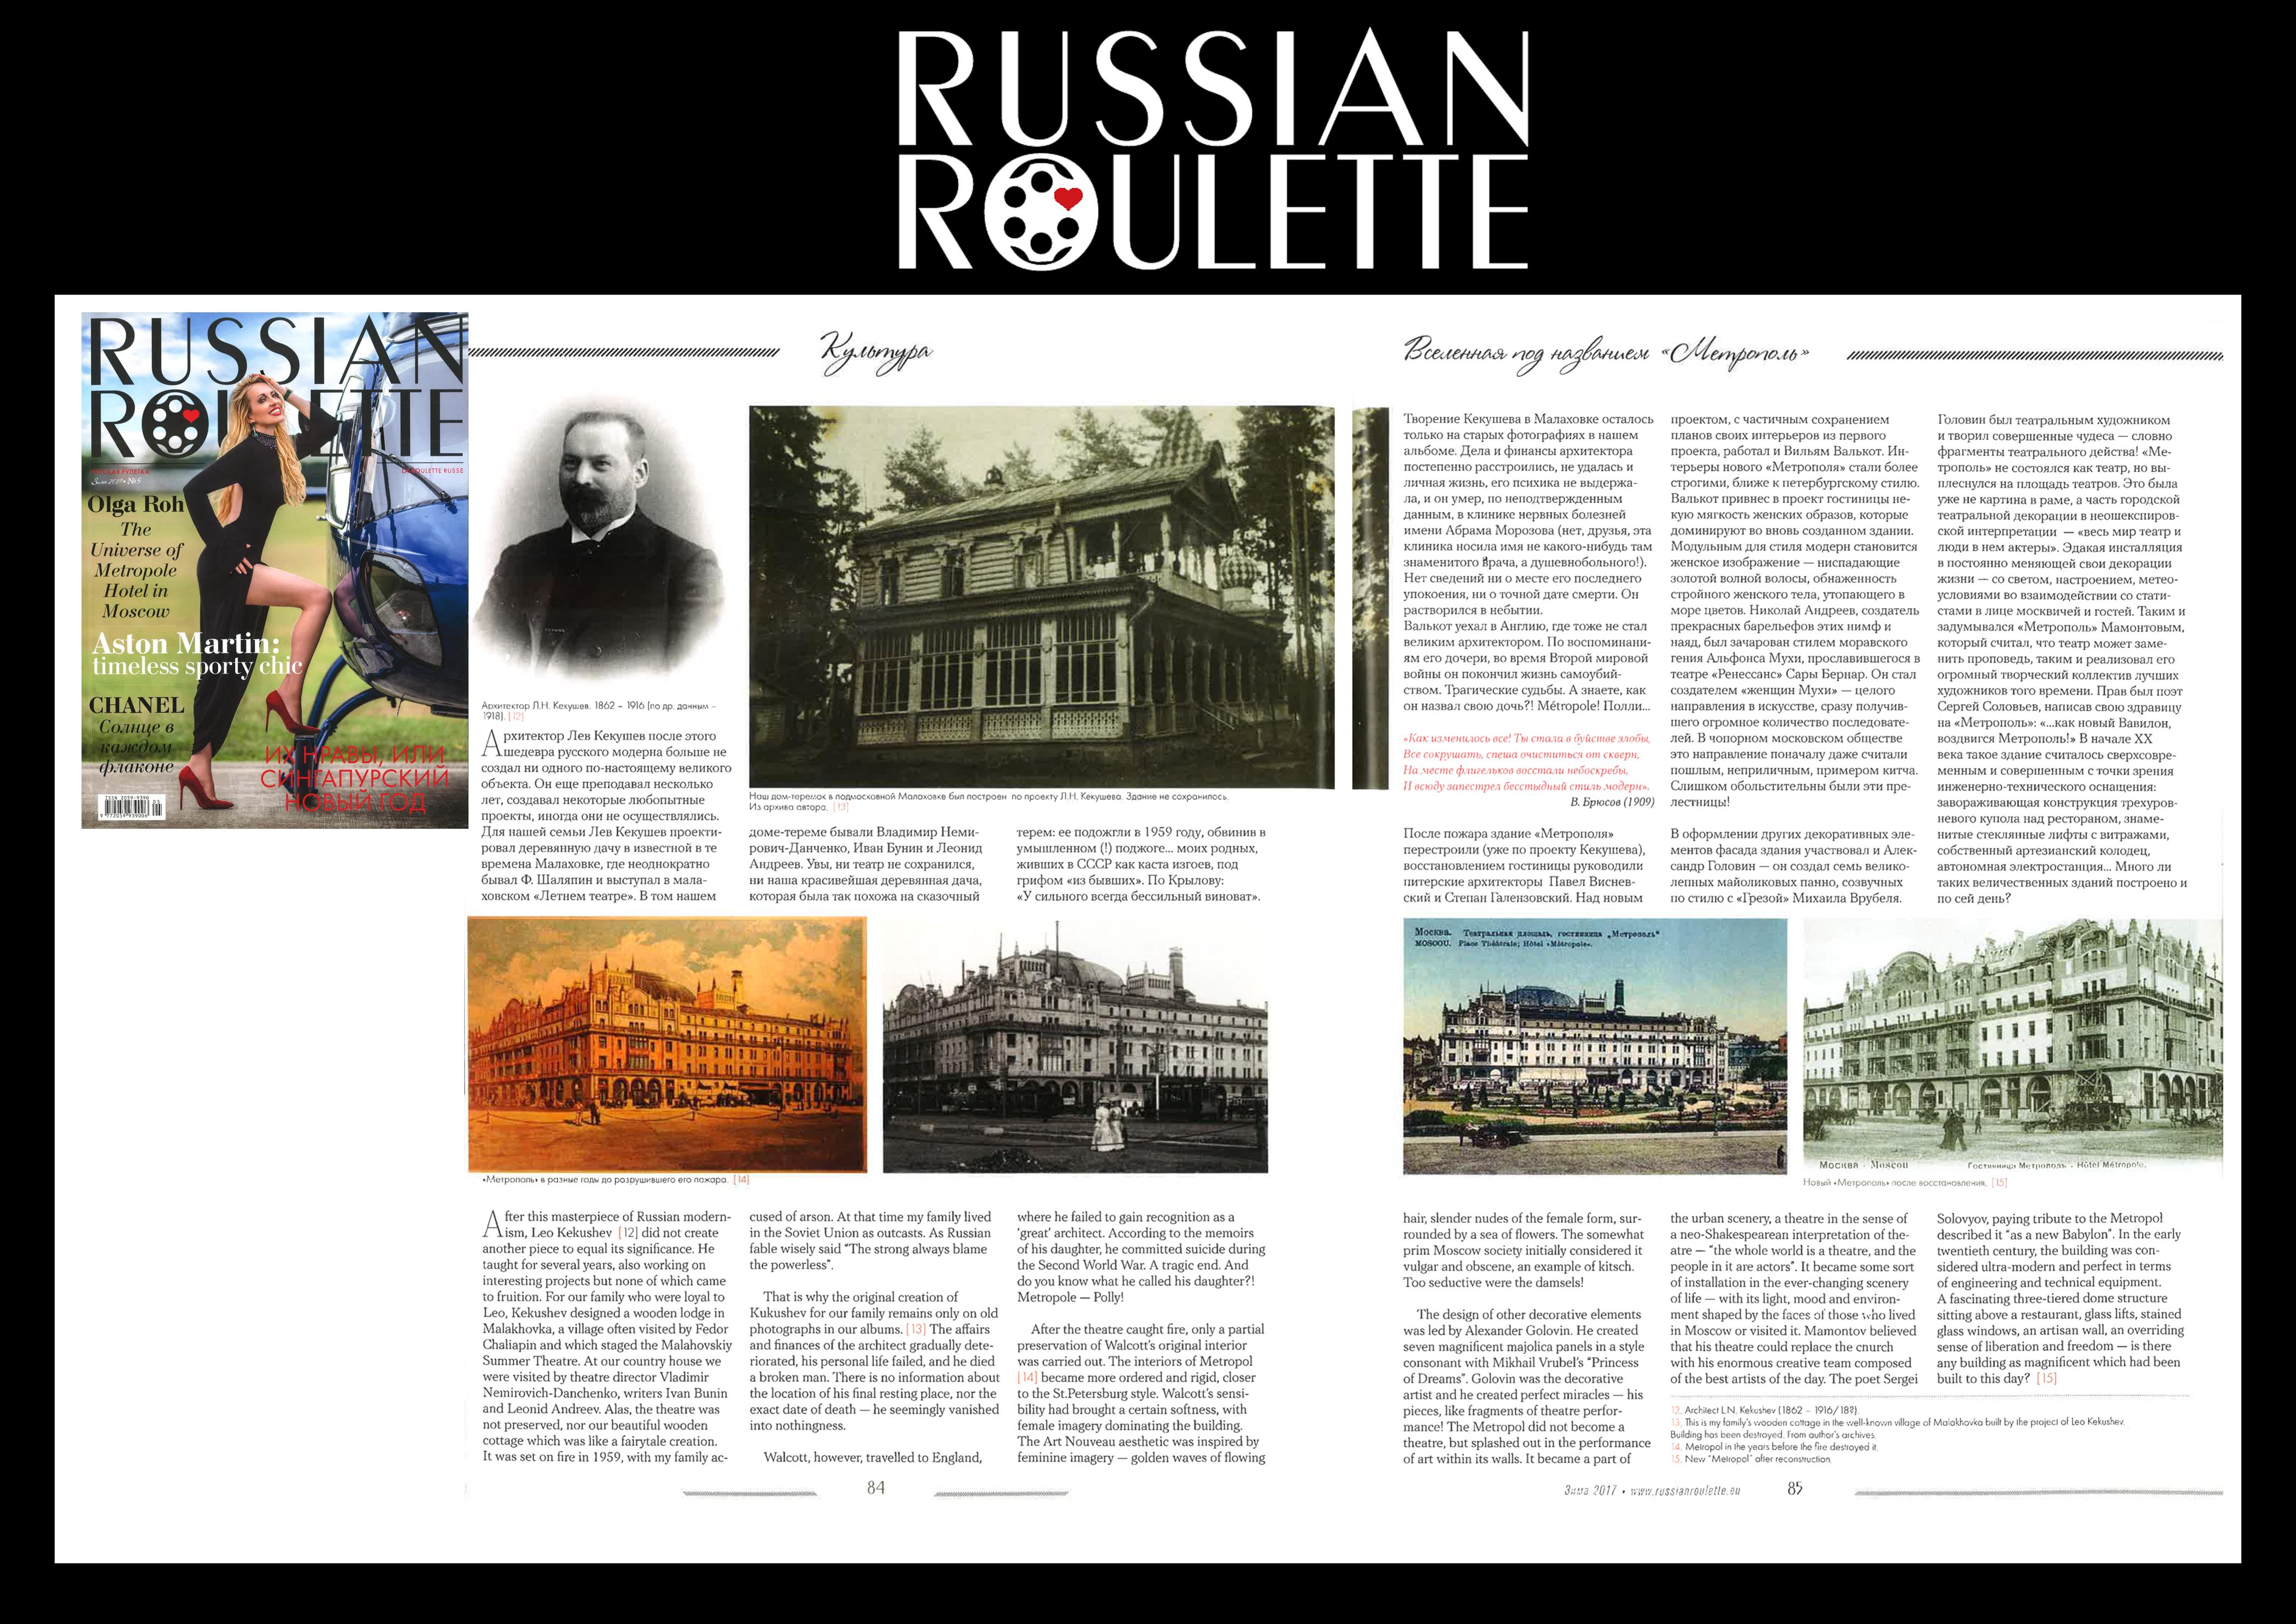 RUSSIAN ROULETTE METROPOLE 2-4